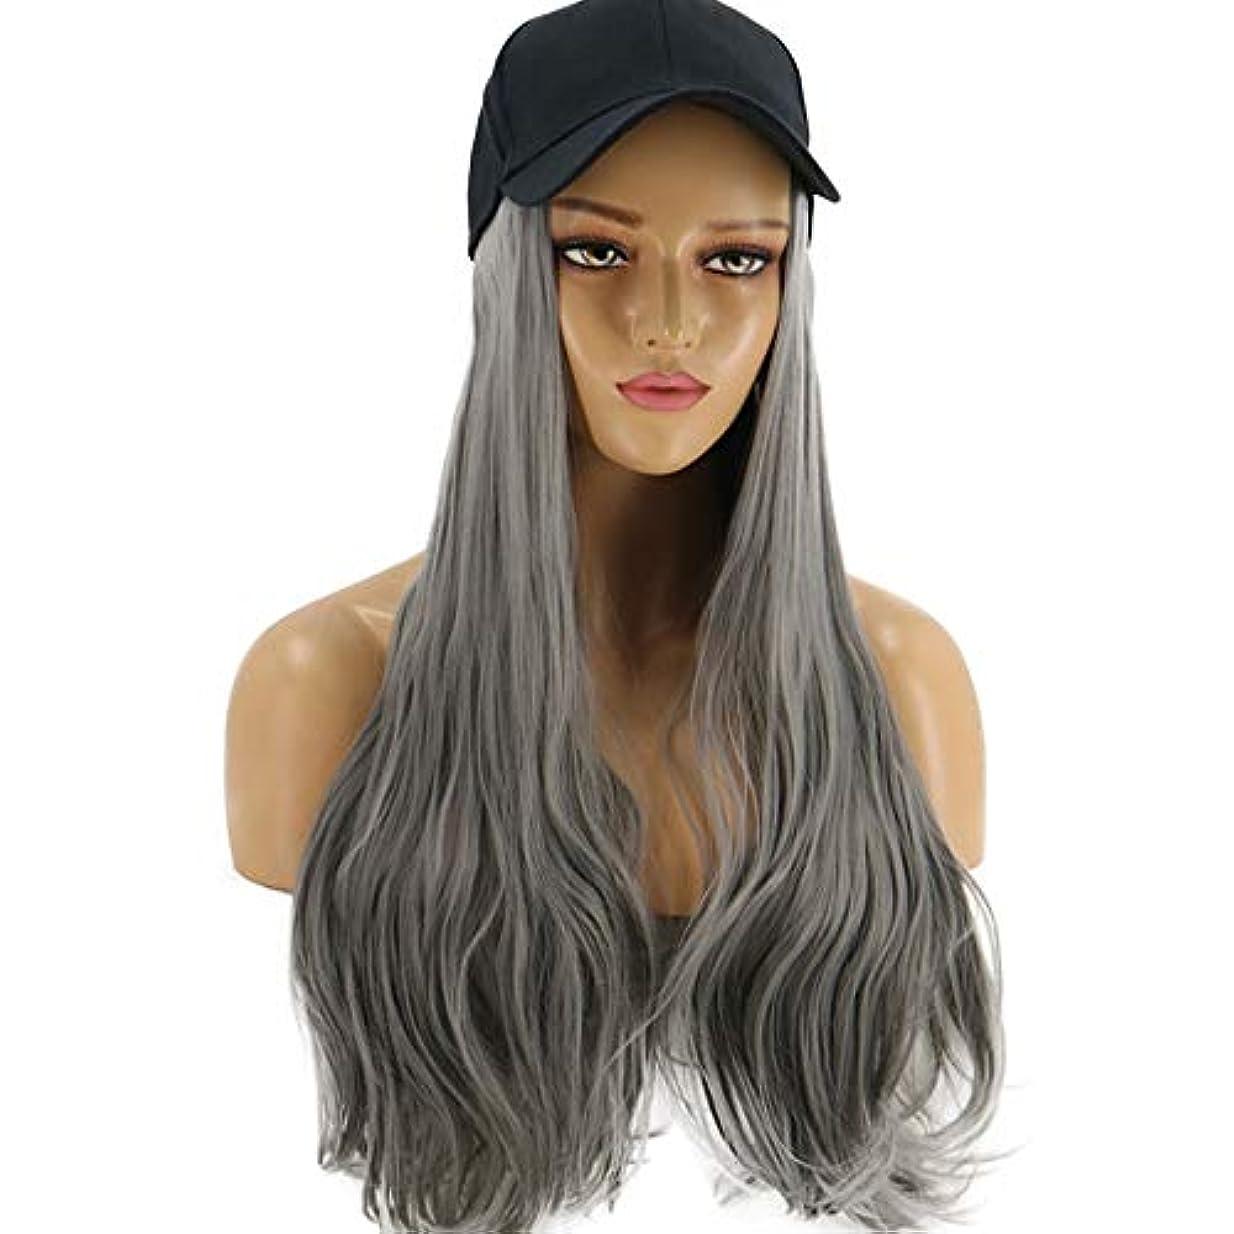 求人角度スーダンHAILAN HOME-かつら ファッショングレーレディースウィッグハットワンピース帽子ウィッグ55センチメートルFarseeingカーリーヘアワンピース取り外し可能